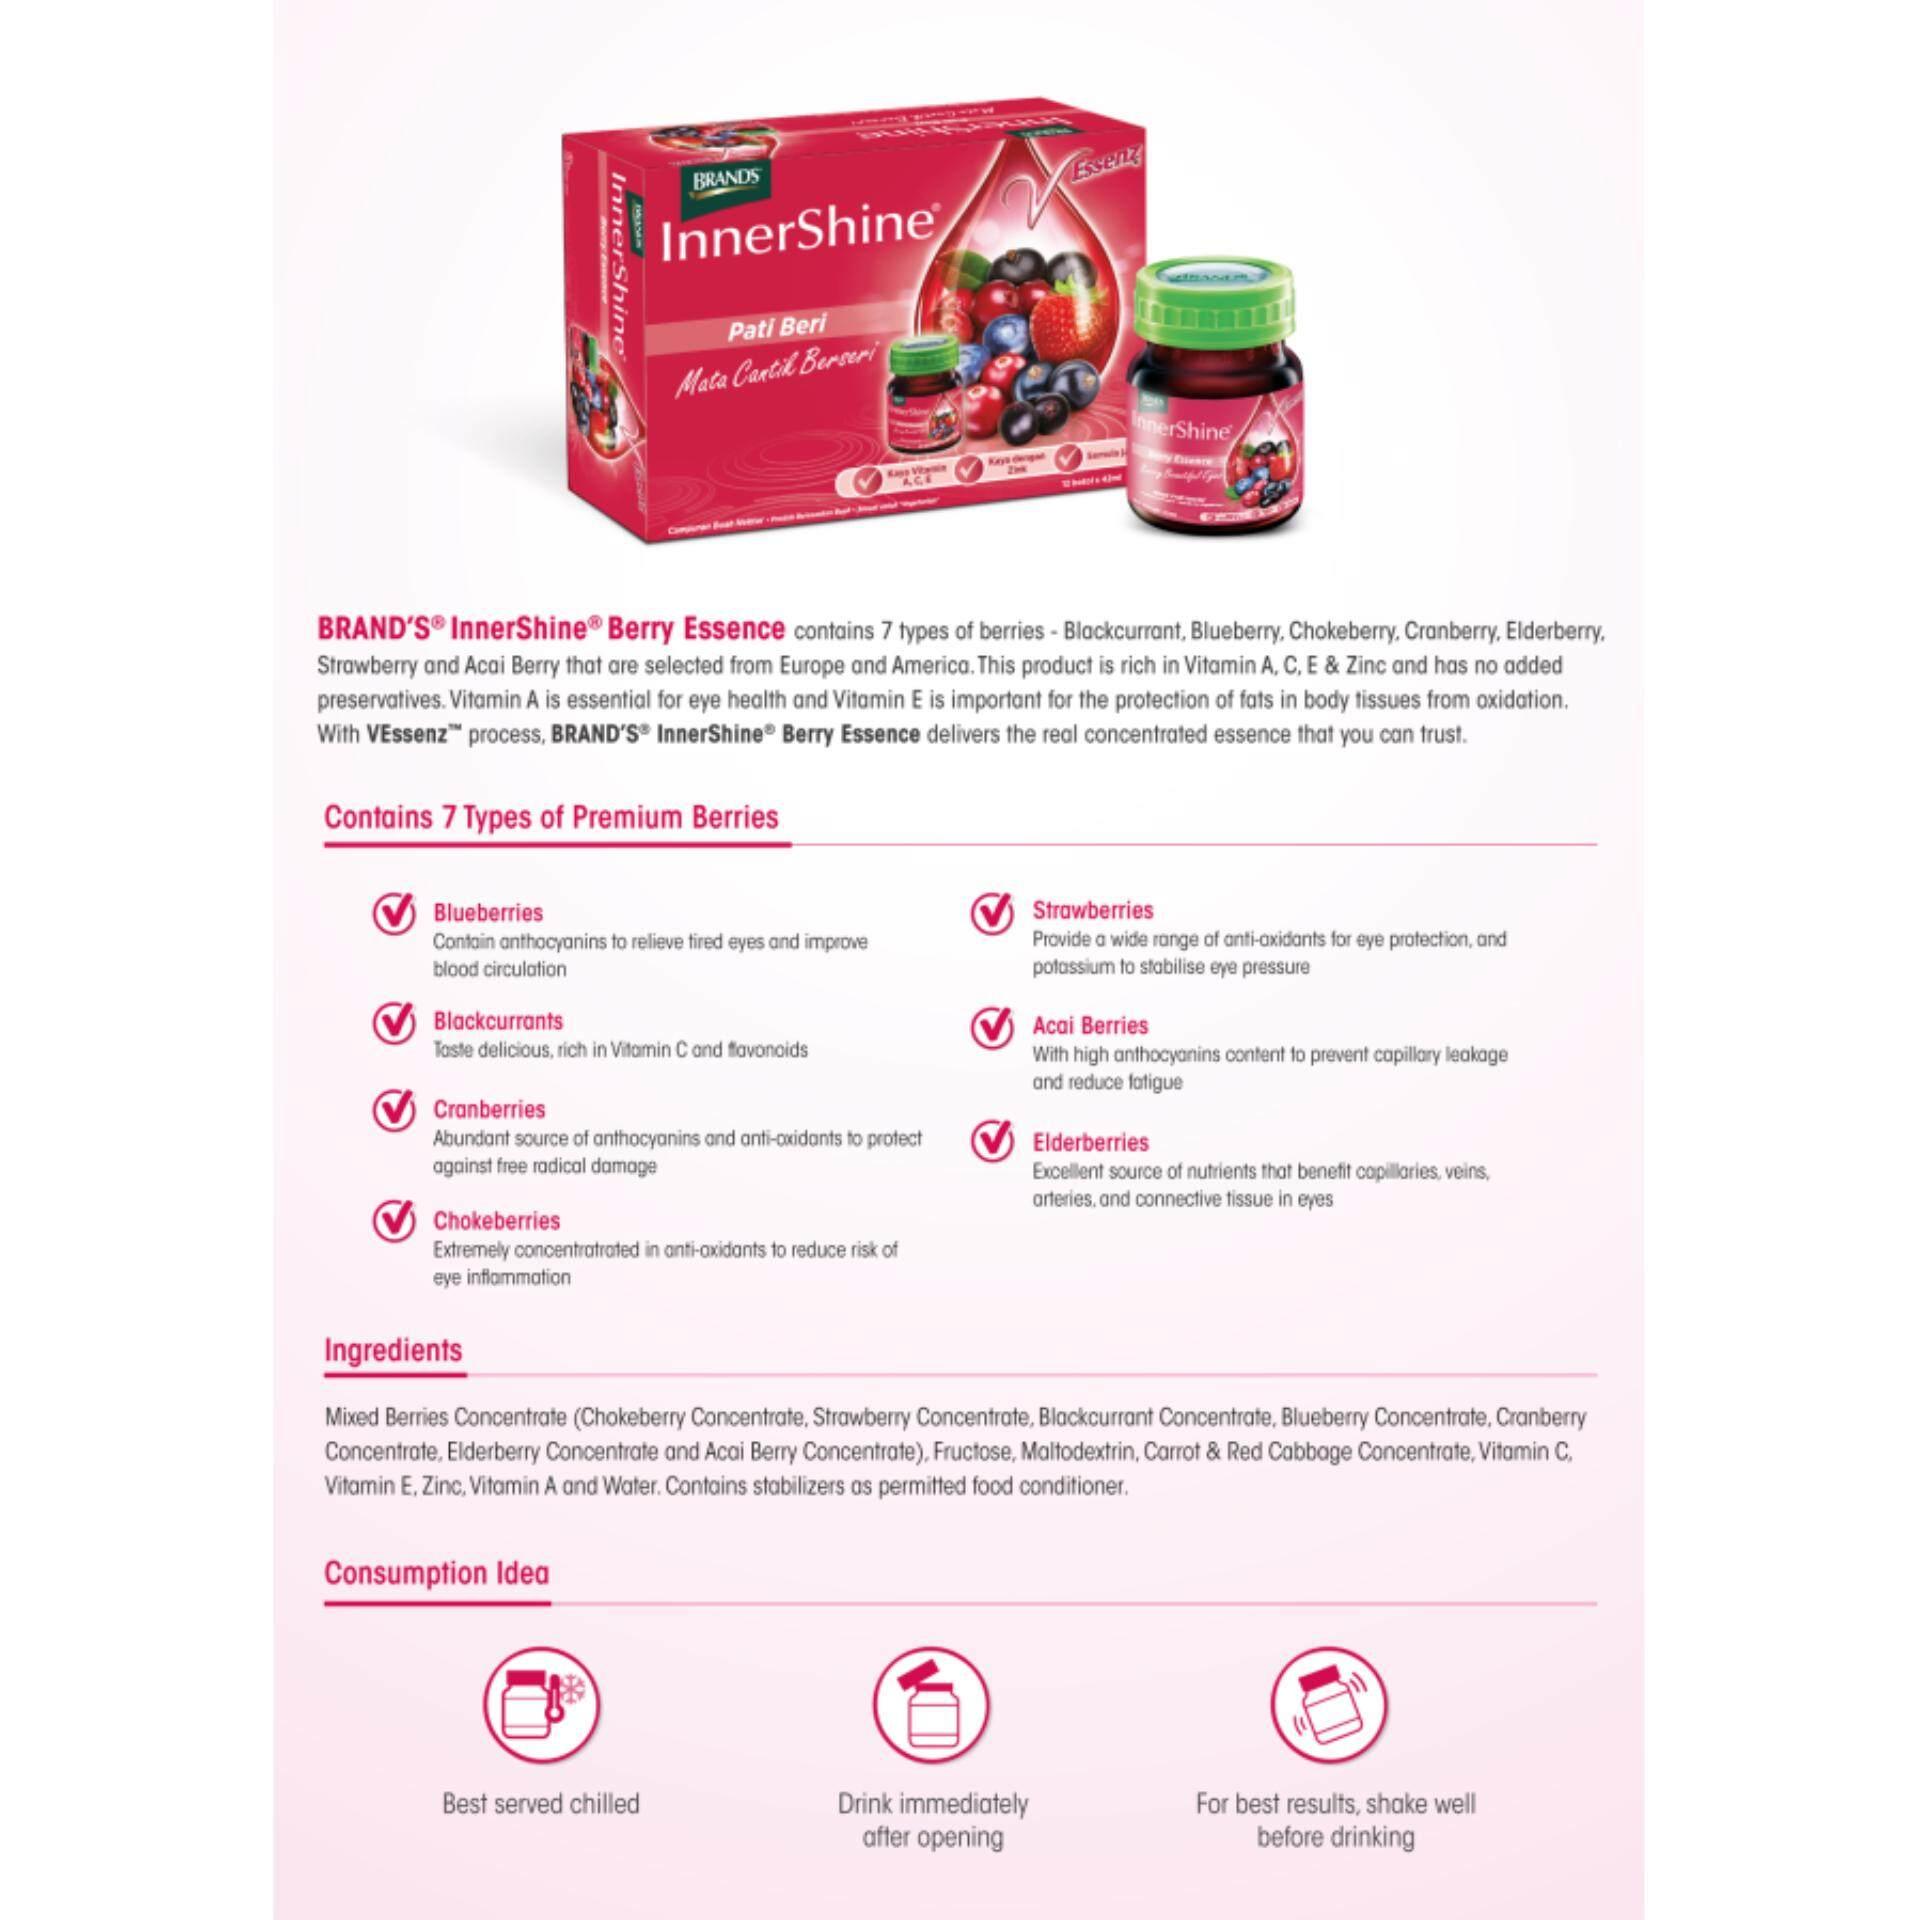 BRAND'S InnerShine Berry Essence (1x12's) + InnerShine Prune (1x6's) - 18 bottles x 42ml